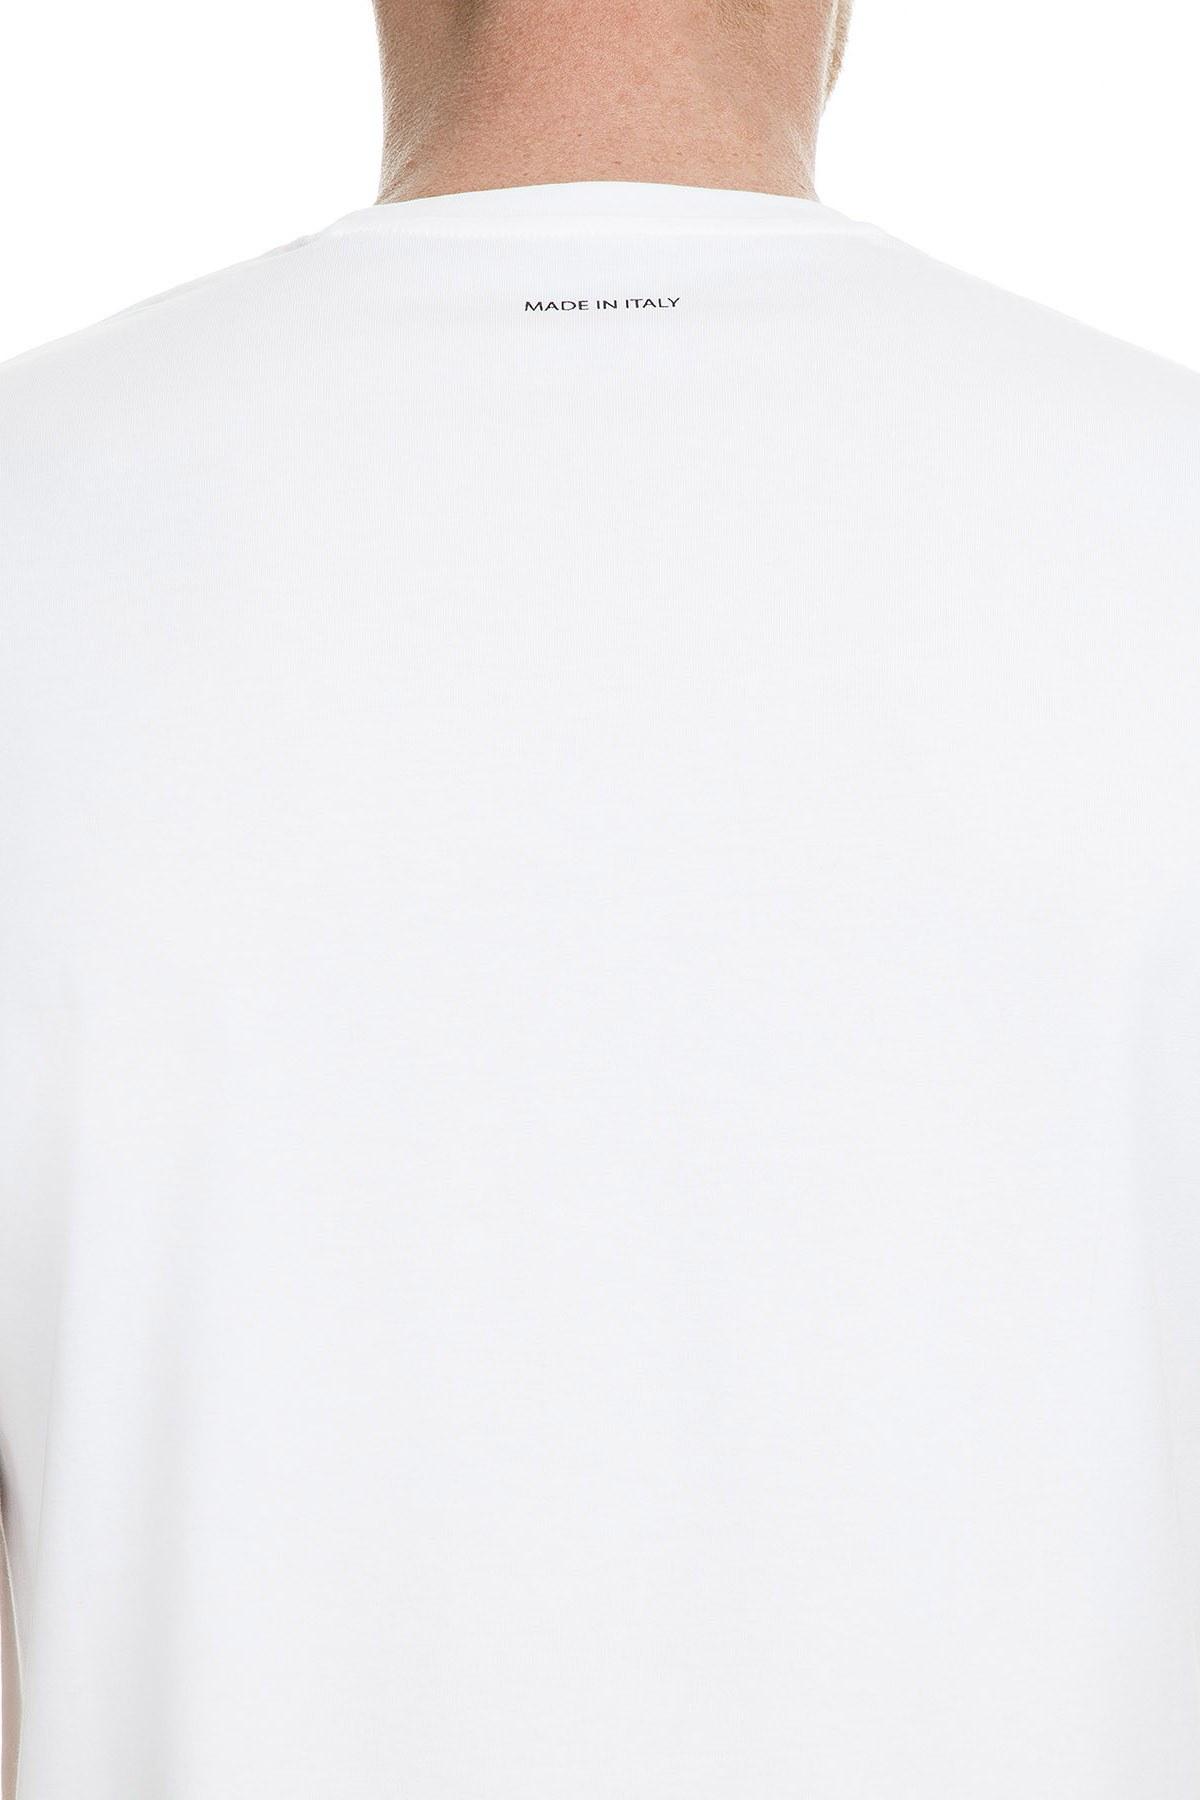 Armani Exchange Erkek T Shirt 6GZTMI ZJZ6Z 1100 BEYAZ